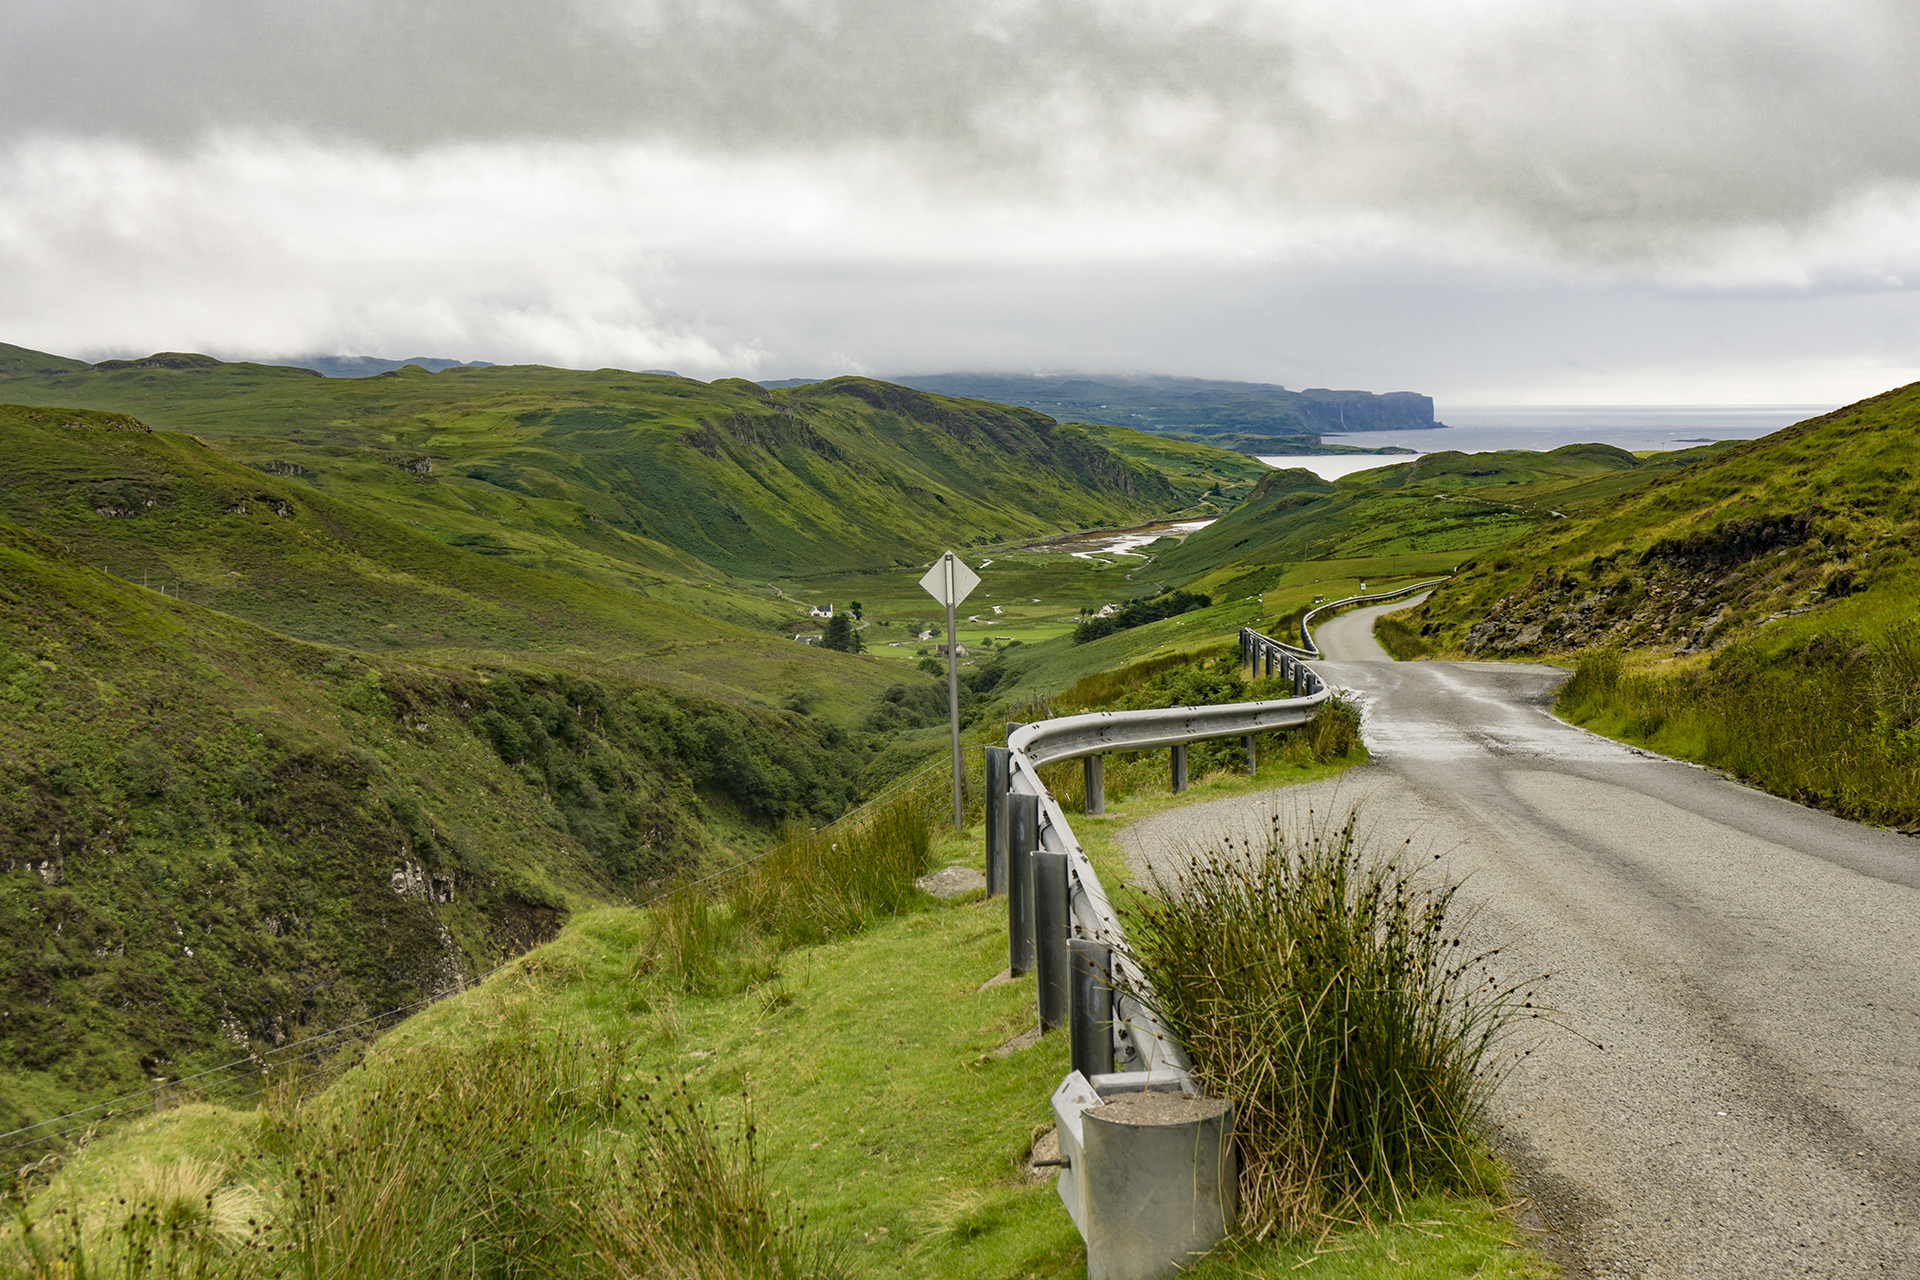 Szkocja, Skye, road trip Gonimy Slonce